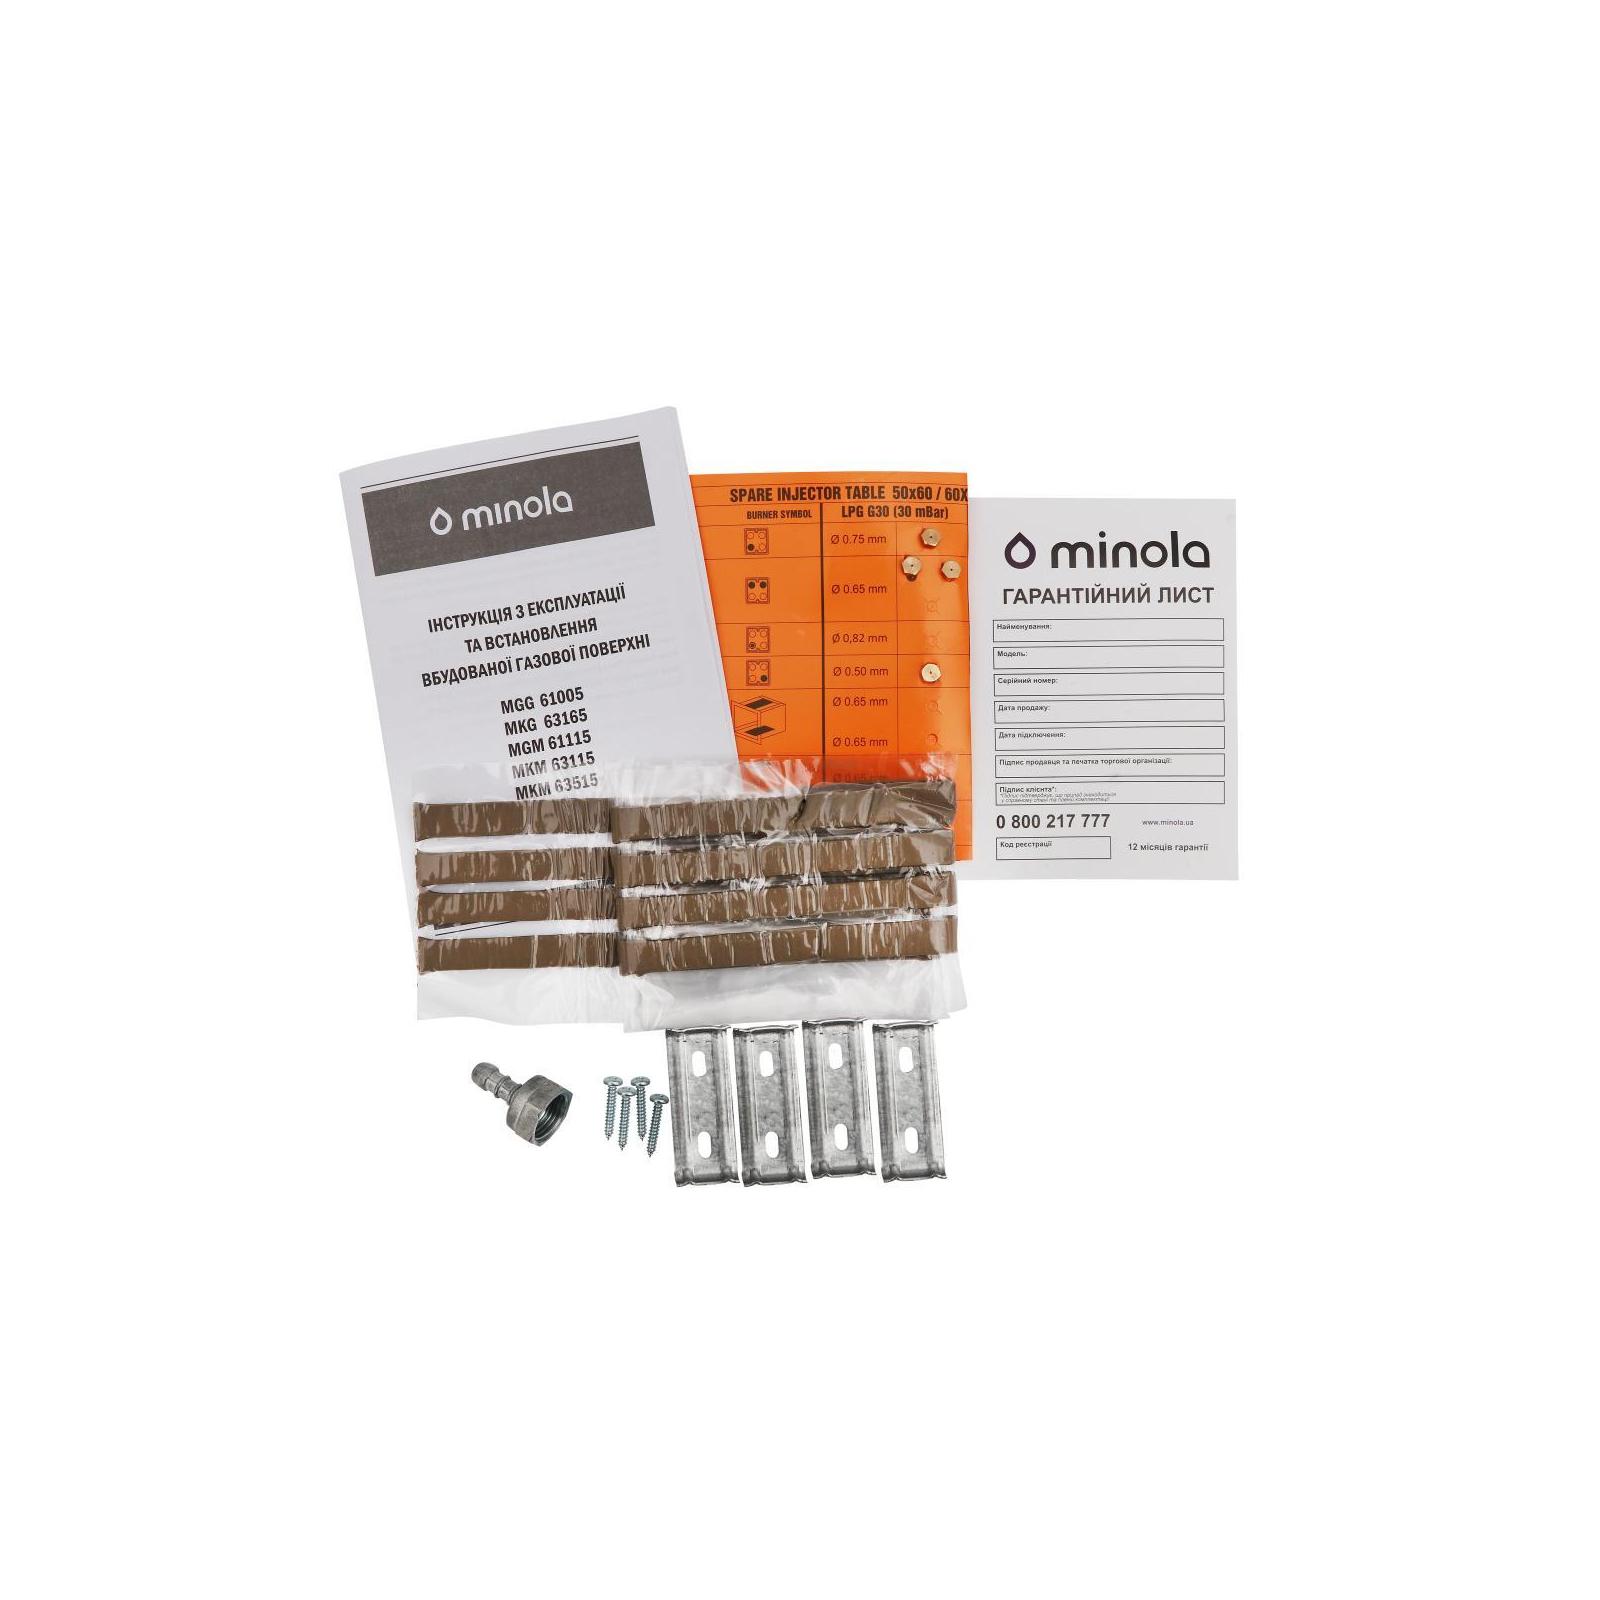 Варочная поверхность MINOLA MGG 61005 BL изображение 6